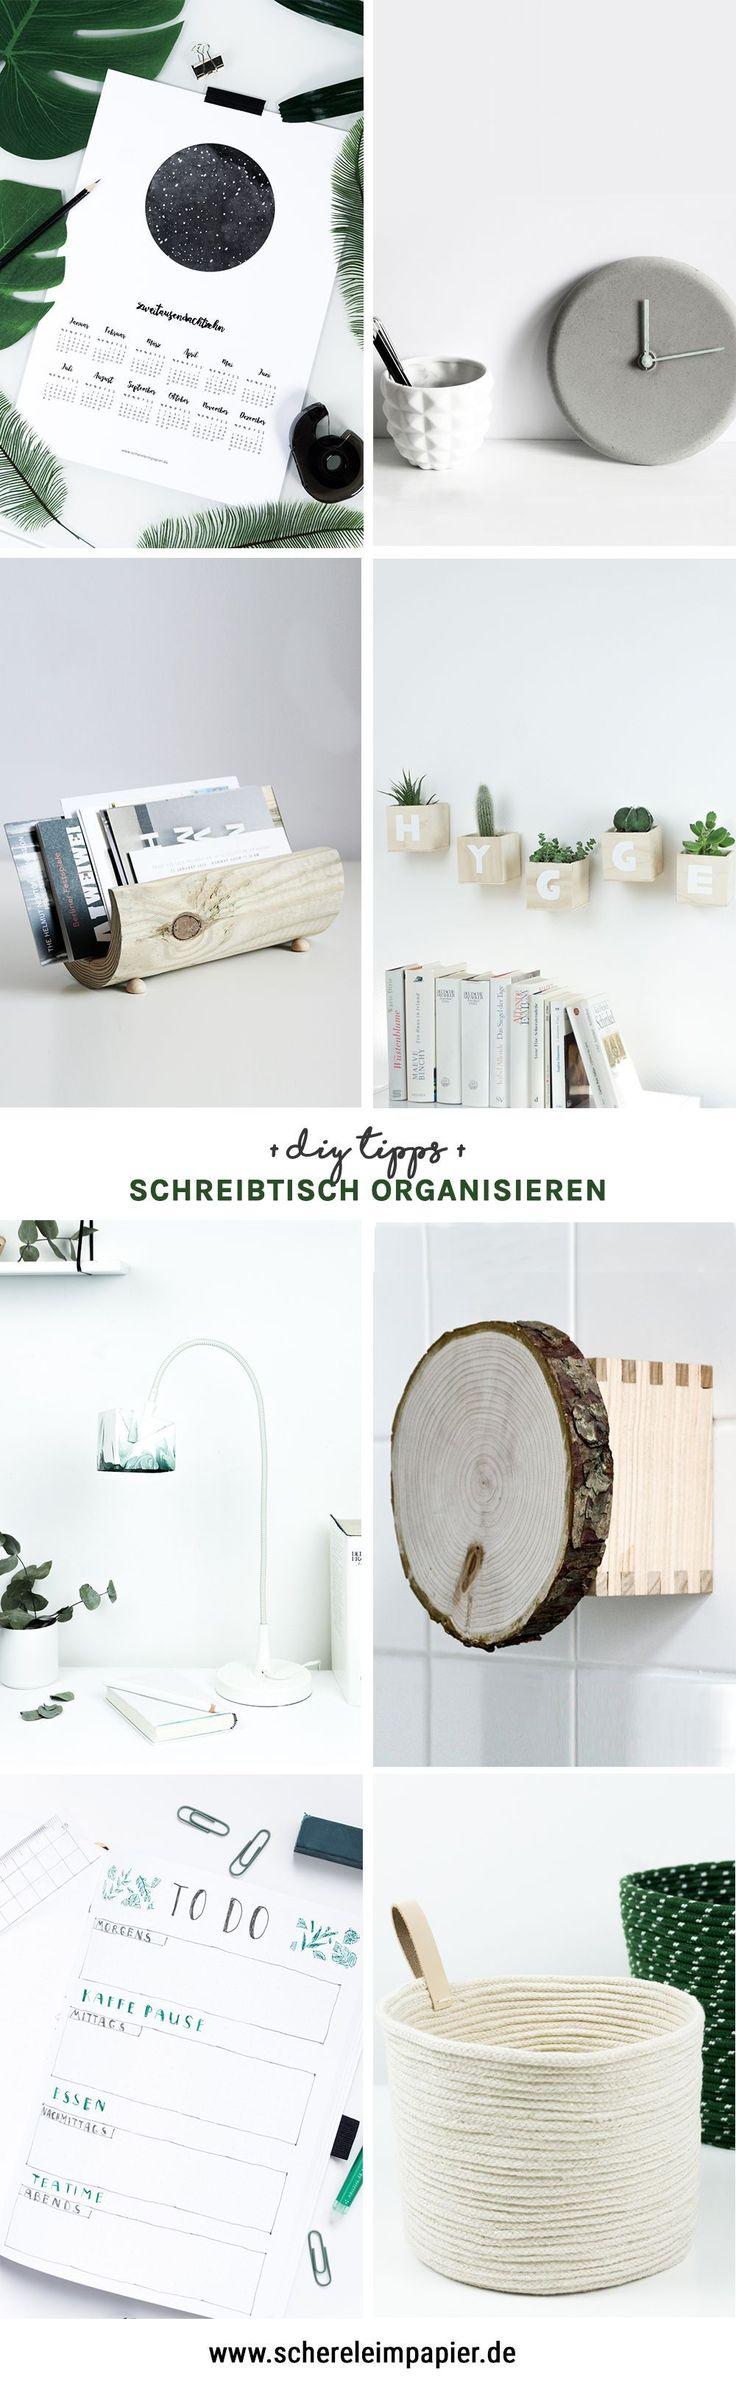 DIY Schreibtisch Organisation 8 hilfreiche Tipps fr